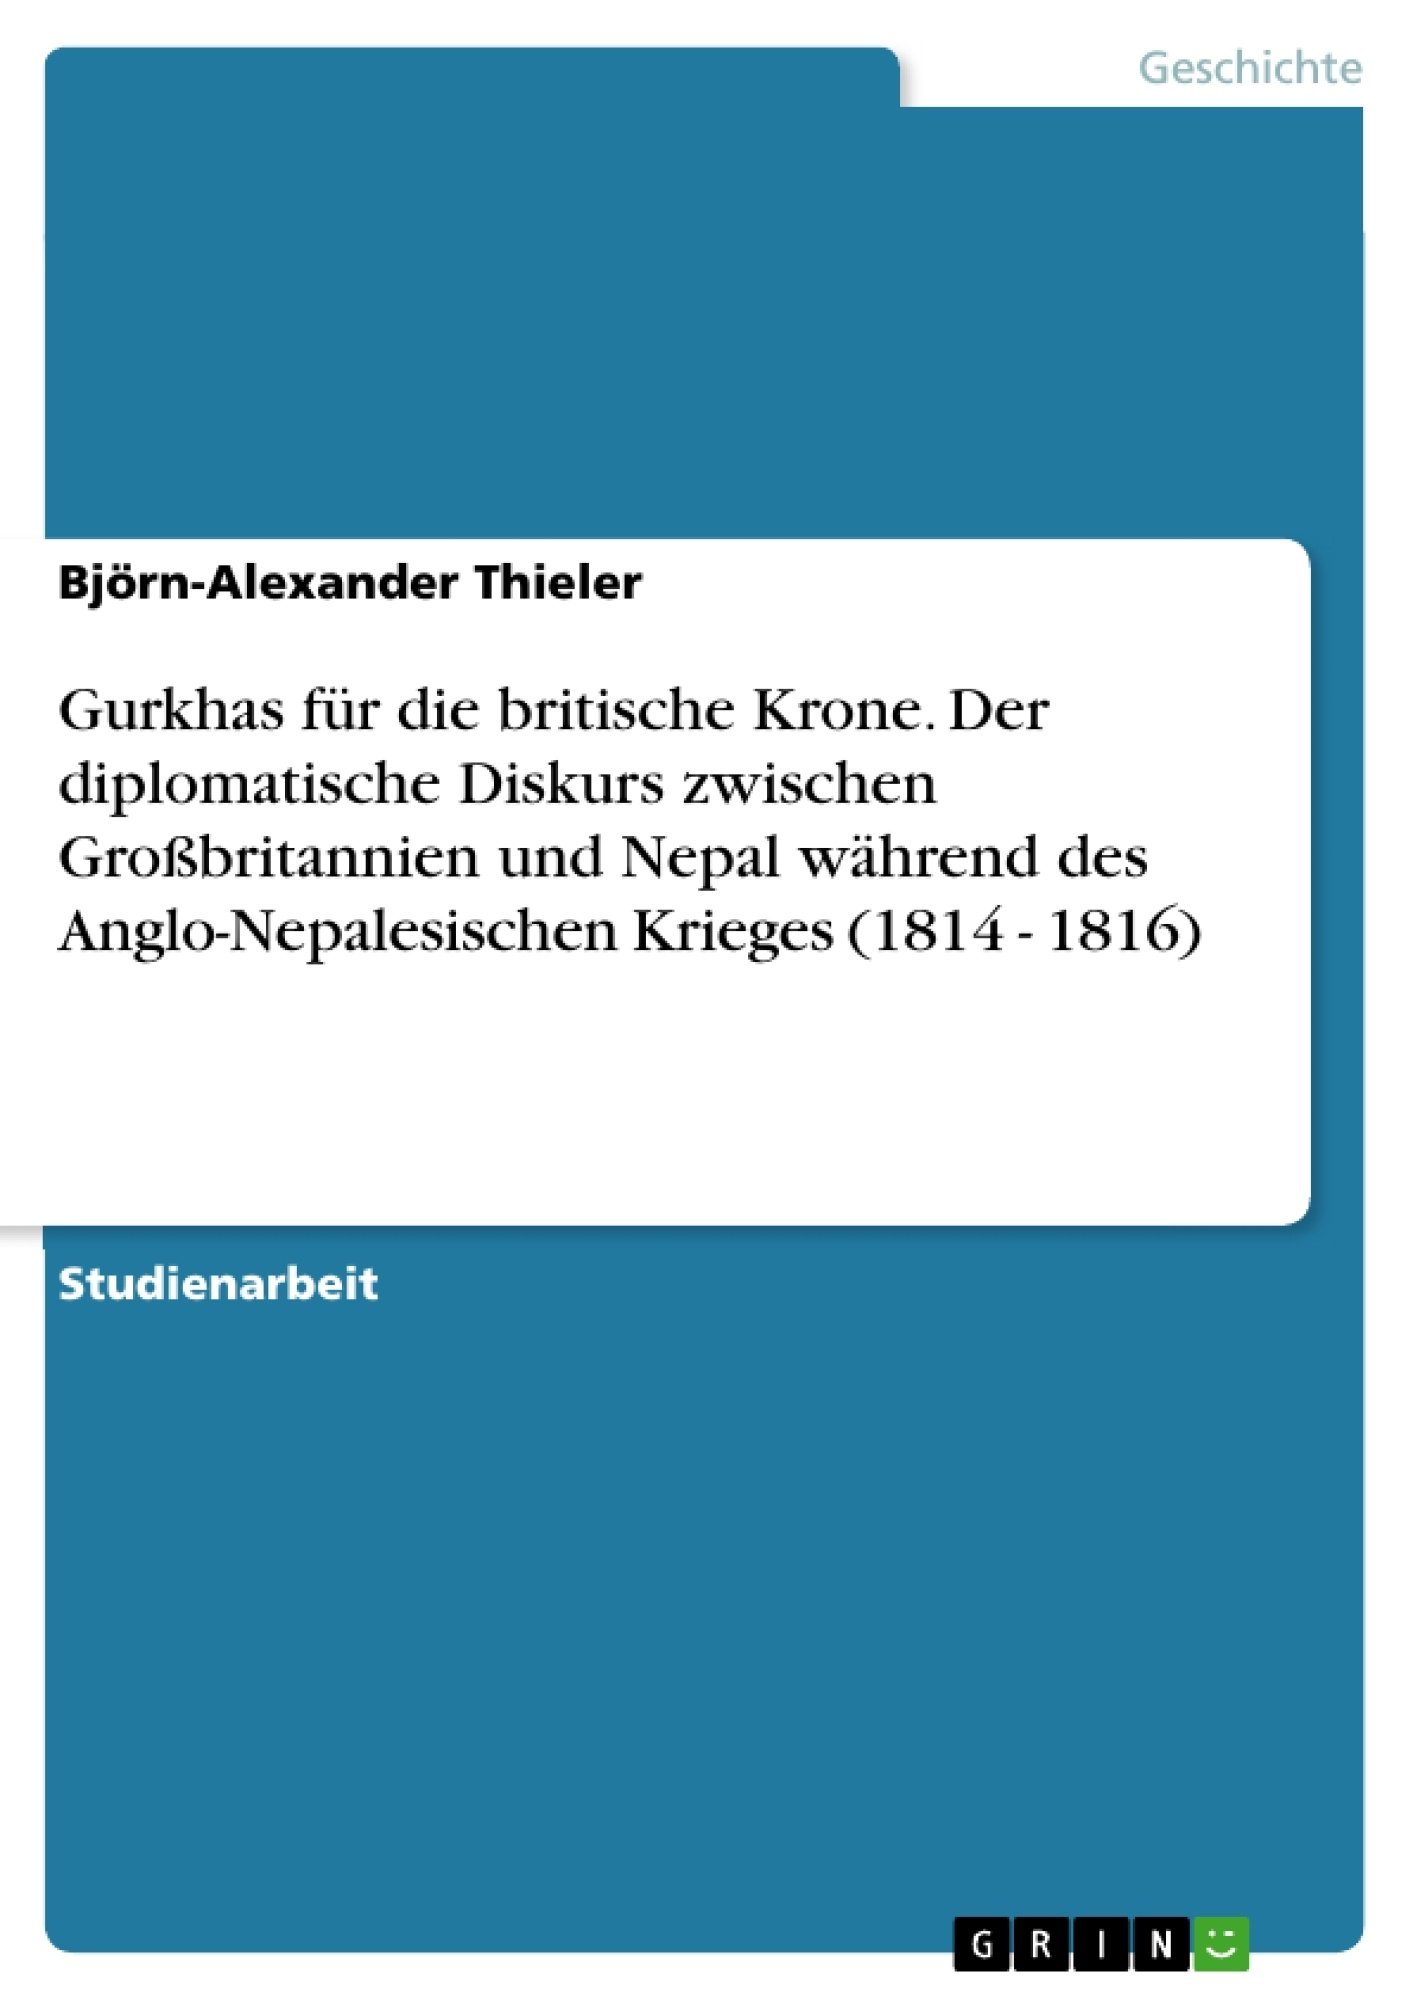 Titel: Gurkhas für die britische Krone. Der diplomatische Diskurs zwischen Großbritannien und Nepal während des Anglo-Nepalesischen Krieges (1814 - 1816)